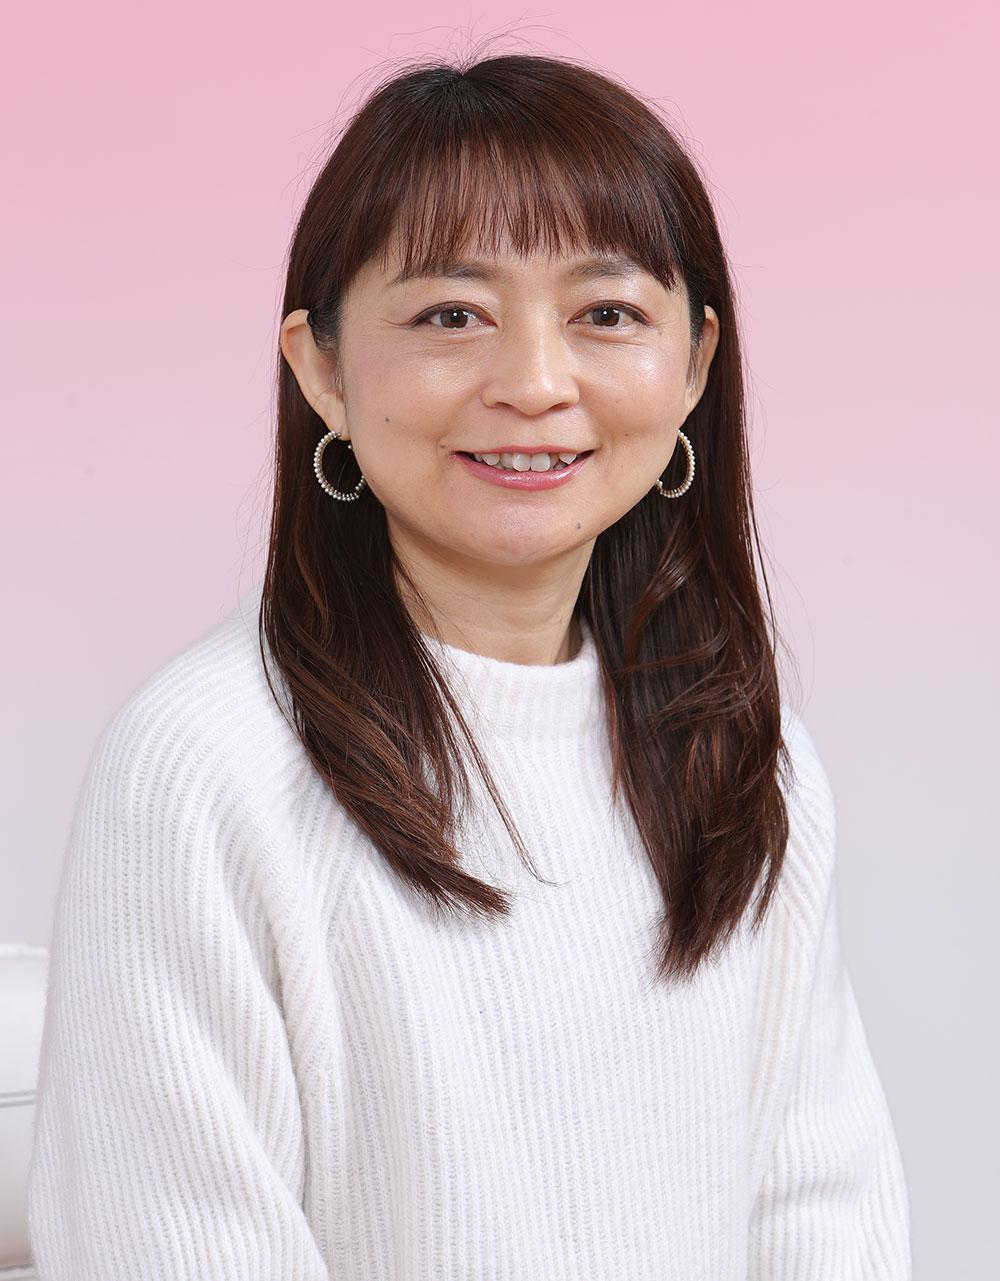 宮城県 柴田町船岡のピアノ・声楽・リトミック教室『Megumi music school』講師:大森 恵